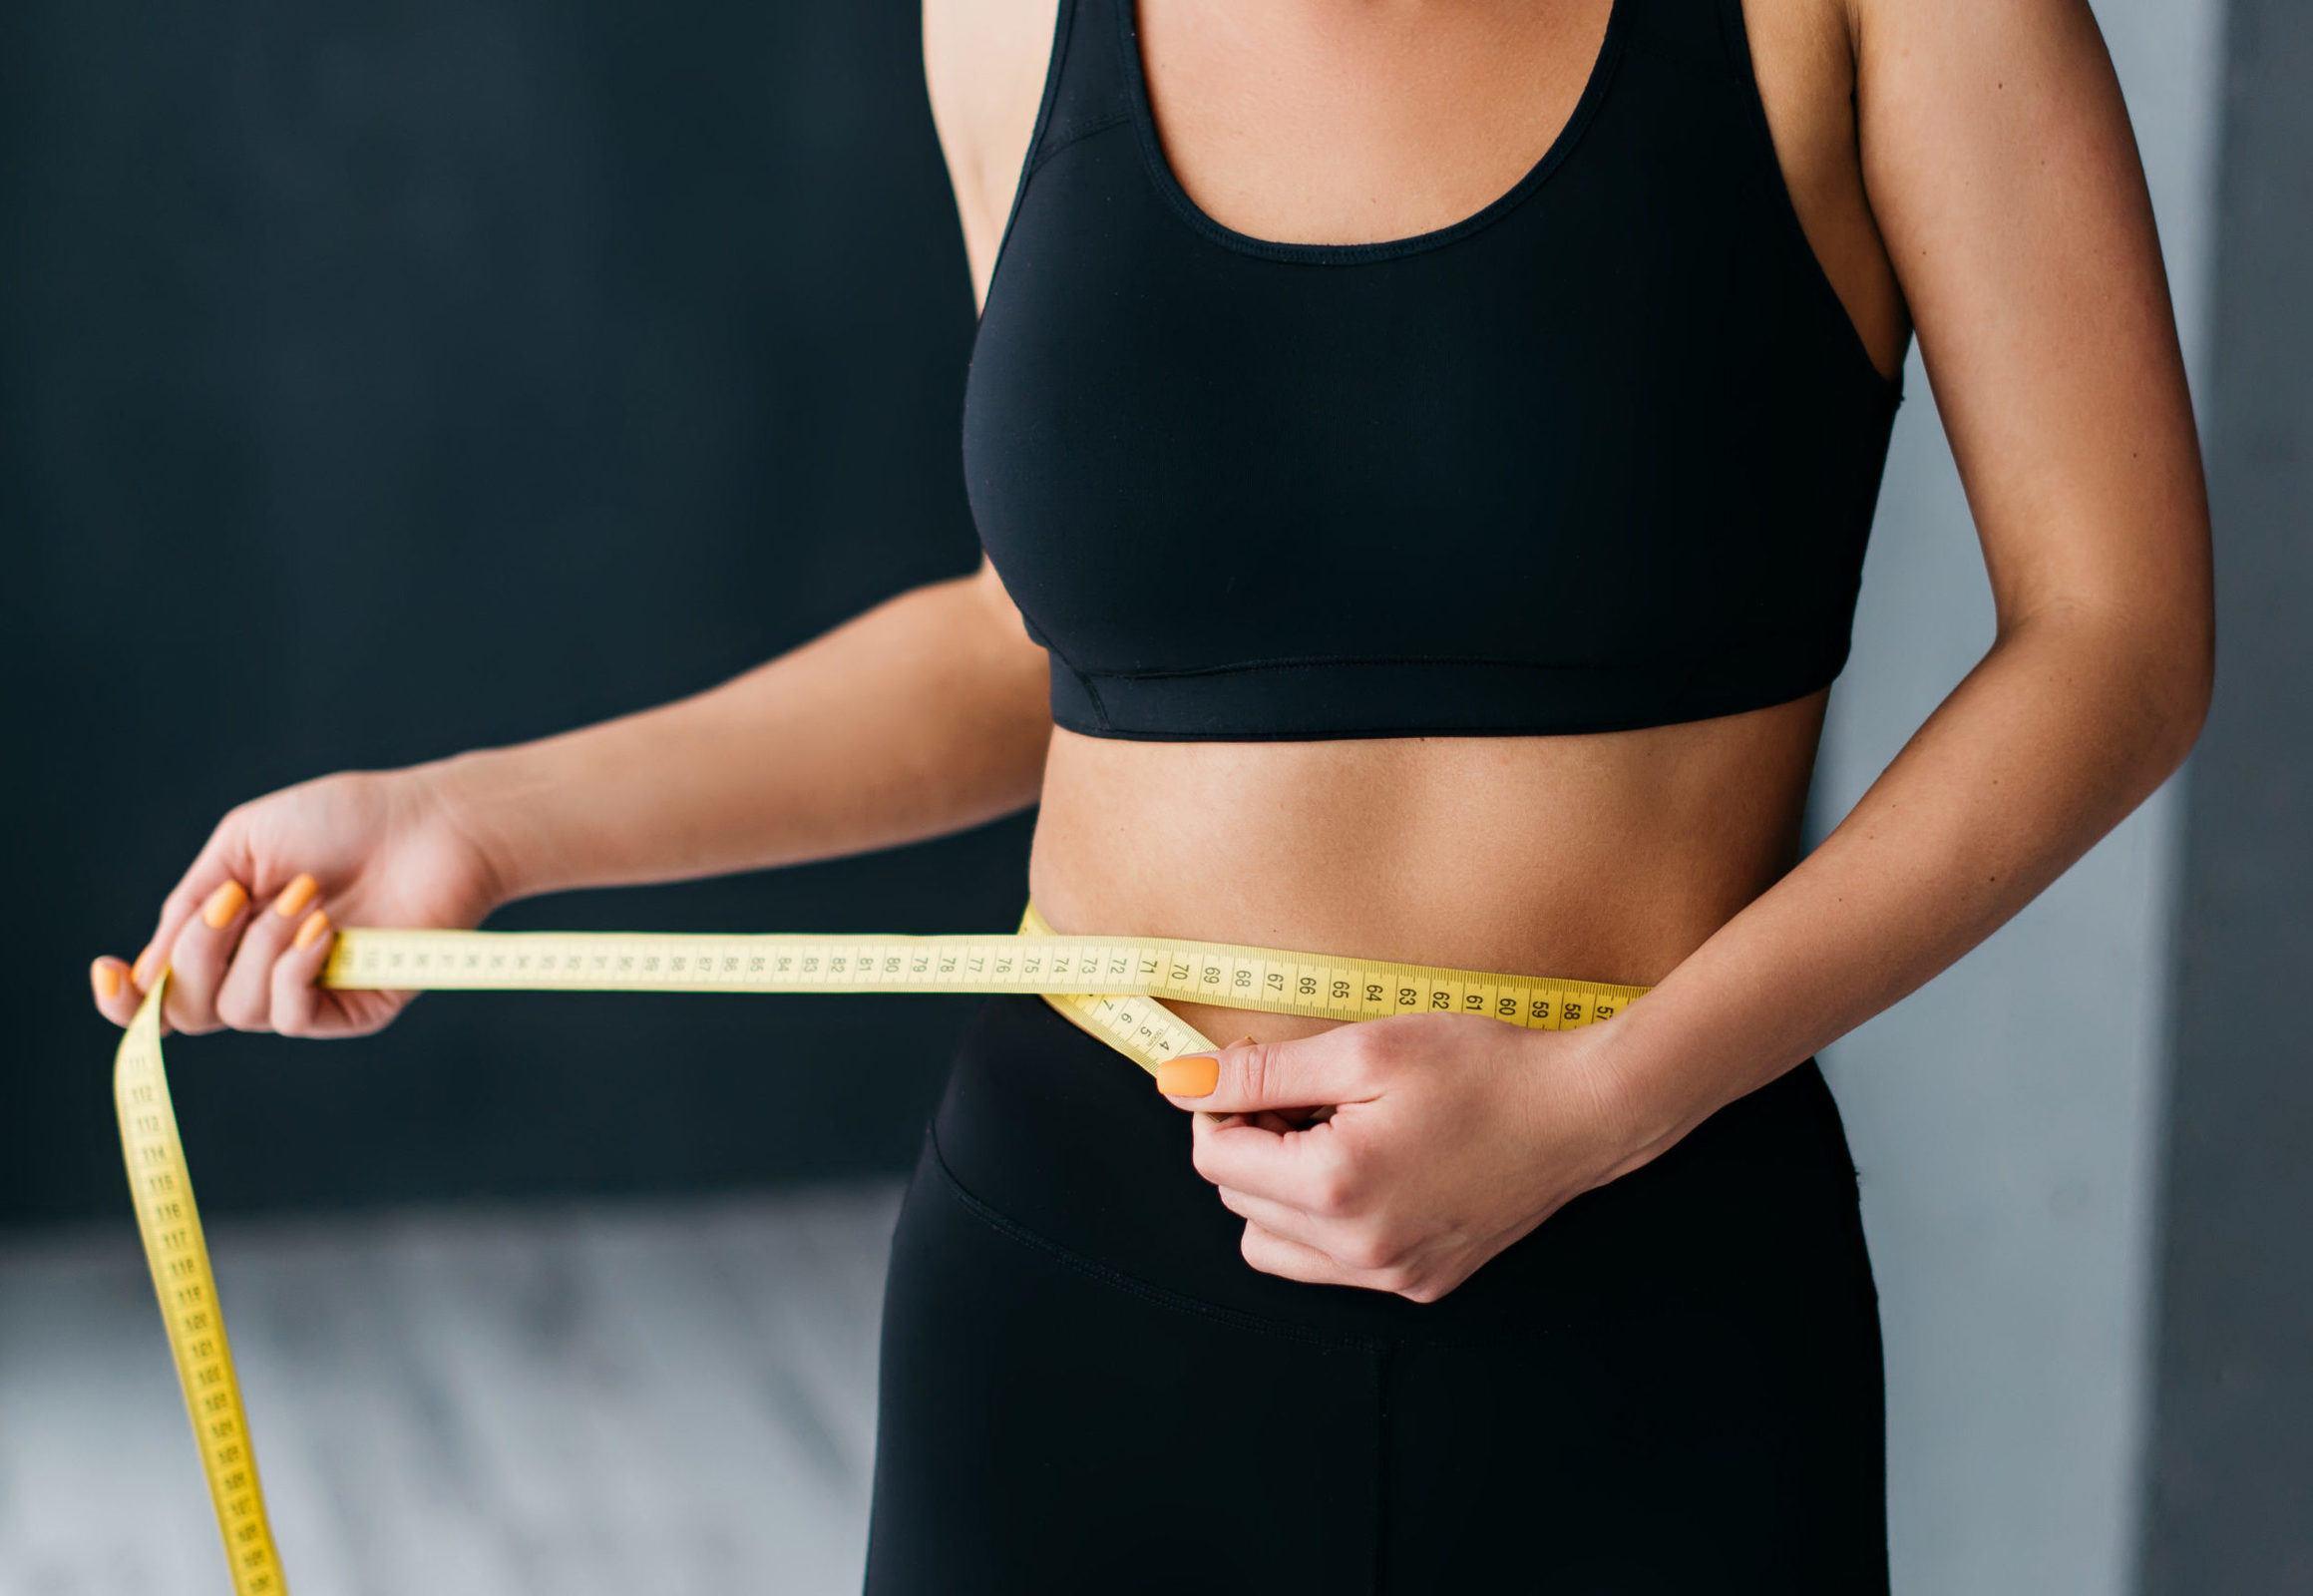 Heilmittel zur Gewichtsreduktion ohne Diät